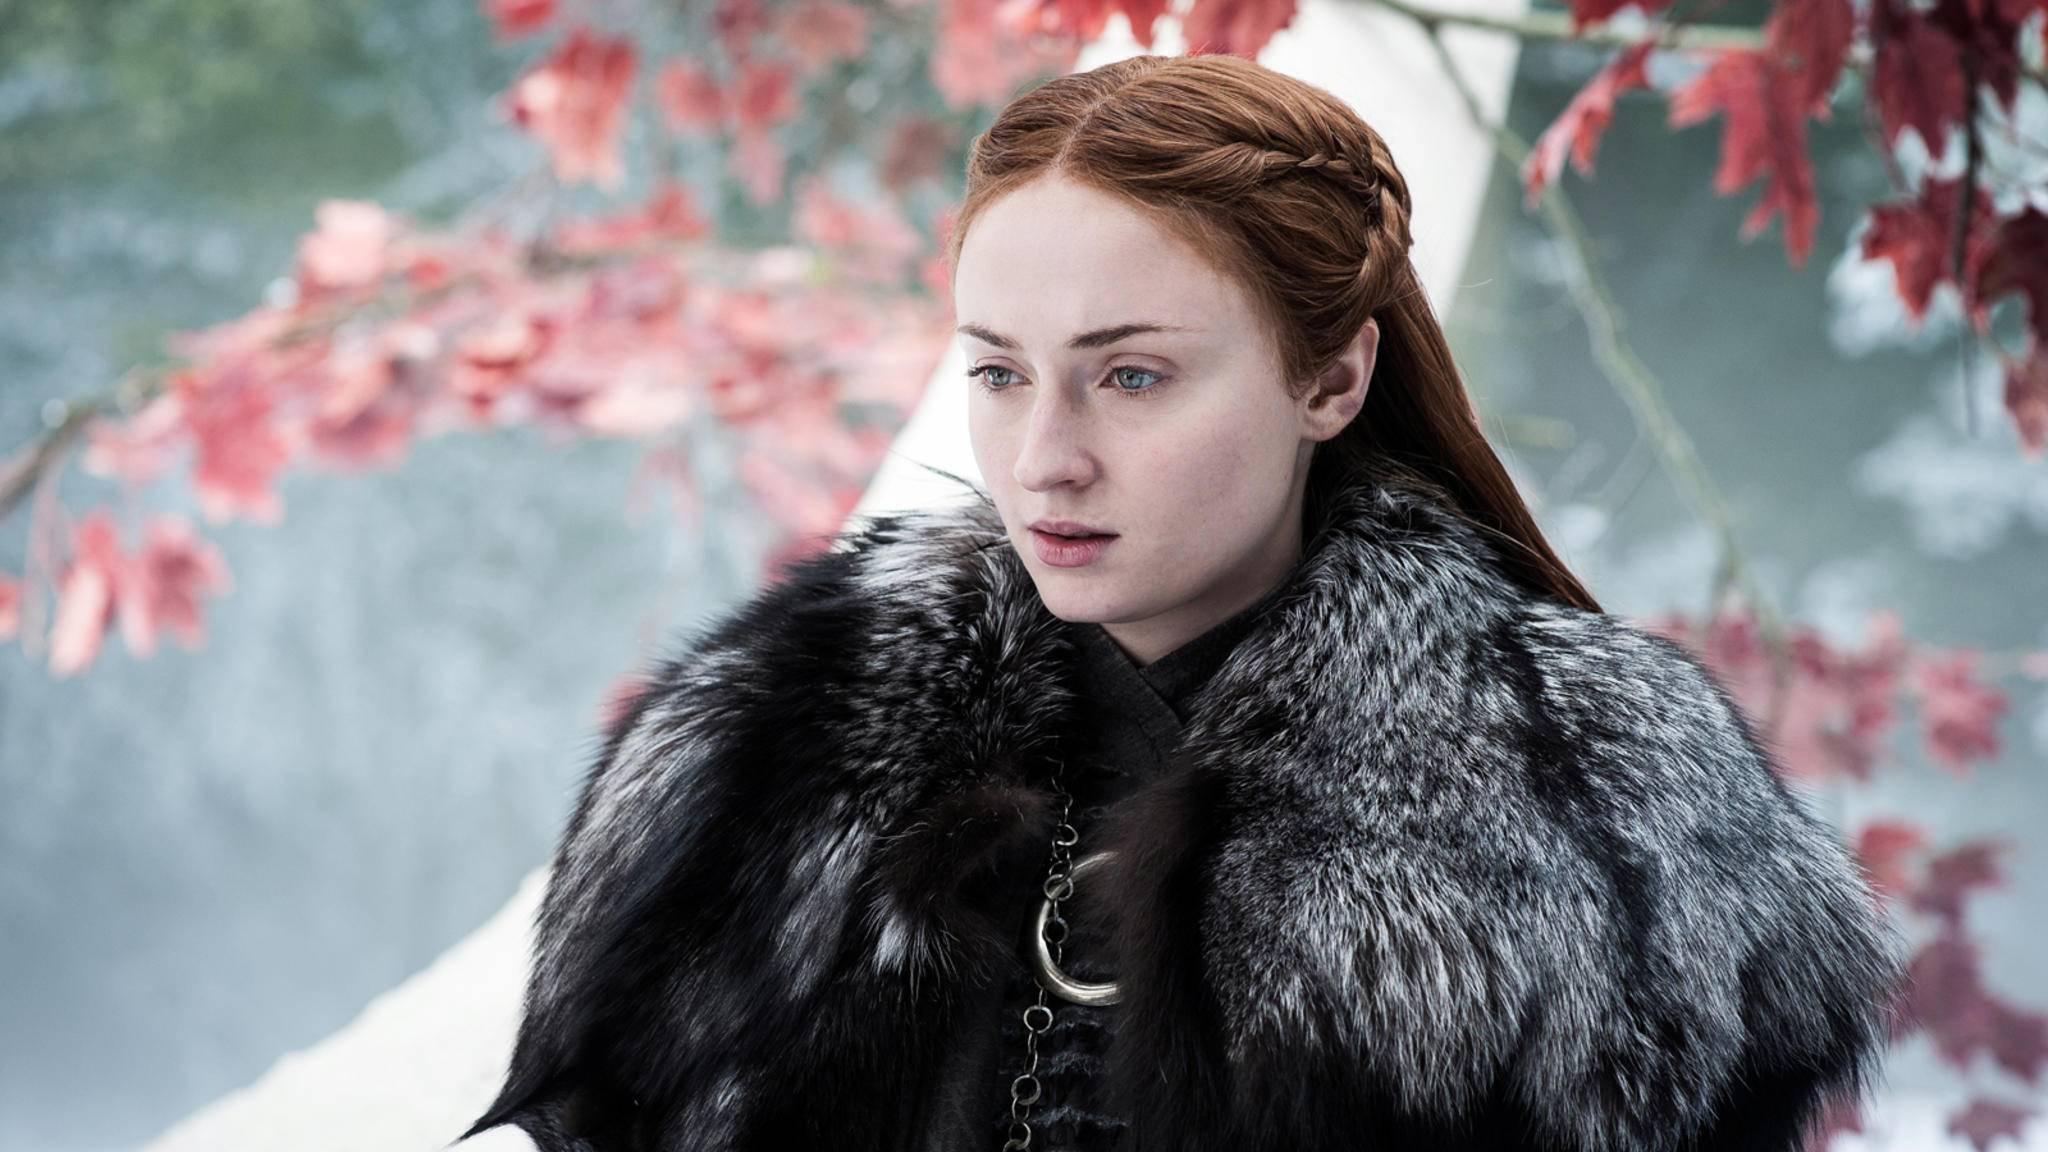 """Wer hätte zu Beginn von """"Game of Thrones"""" gedacht, dass aus Sansa einmal eine so starke Frau werden würde?"""